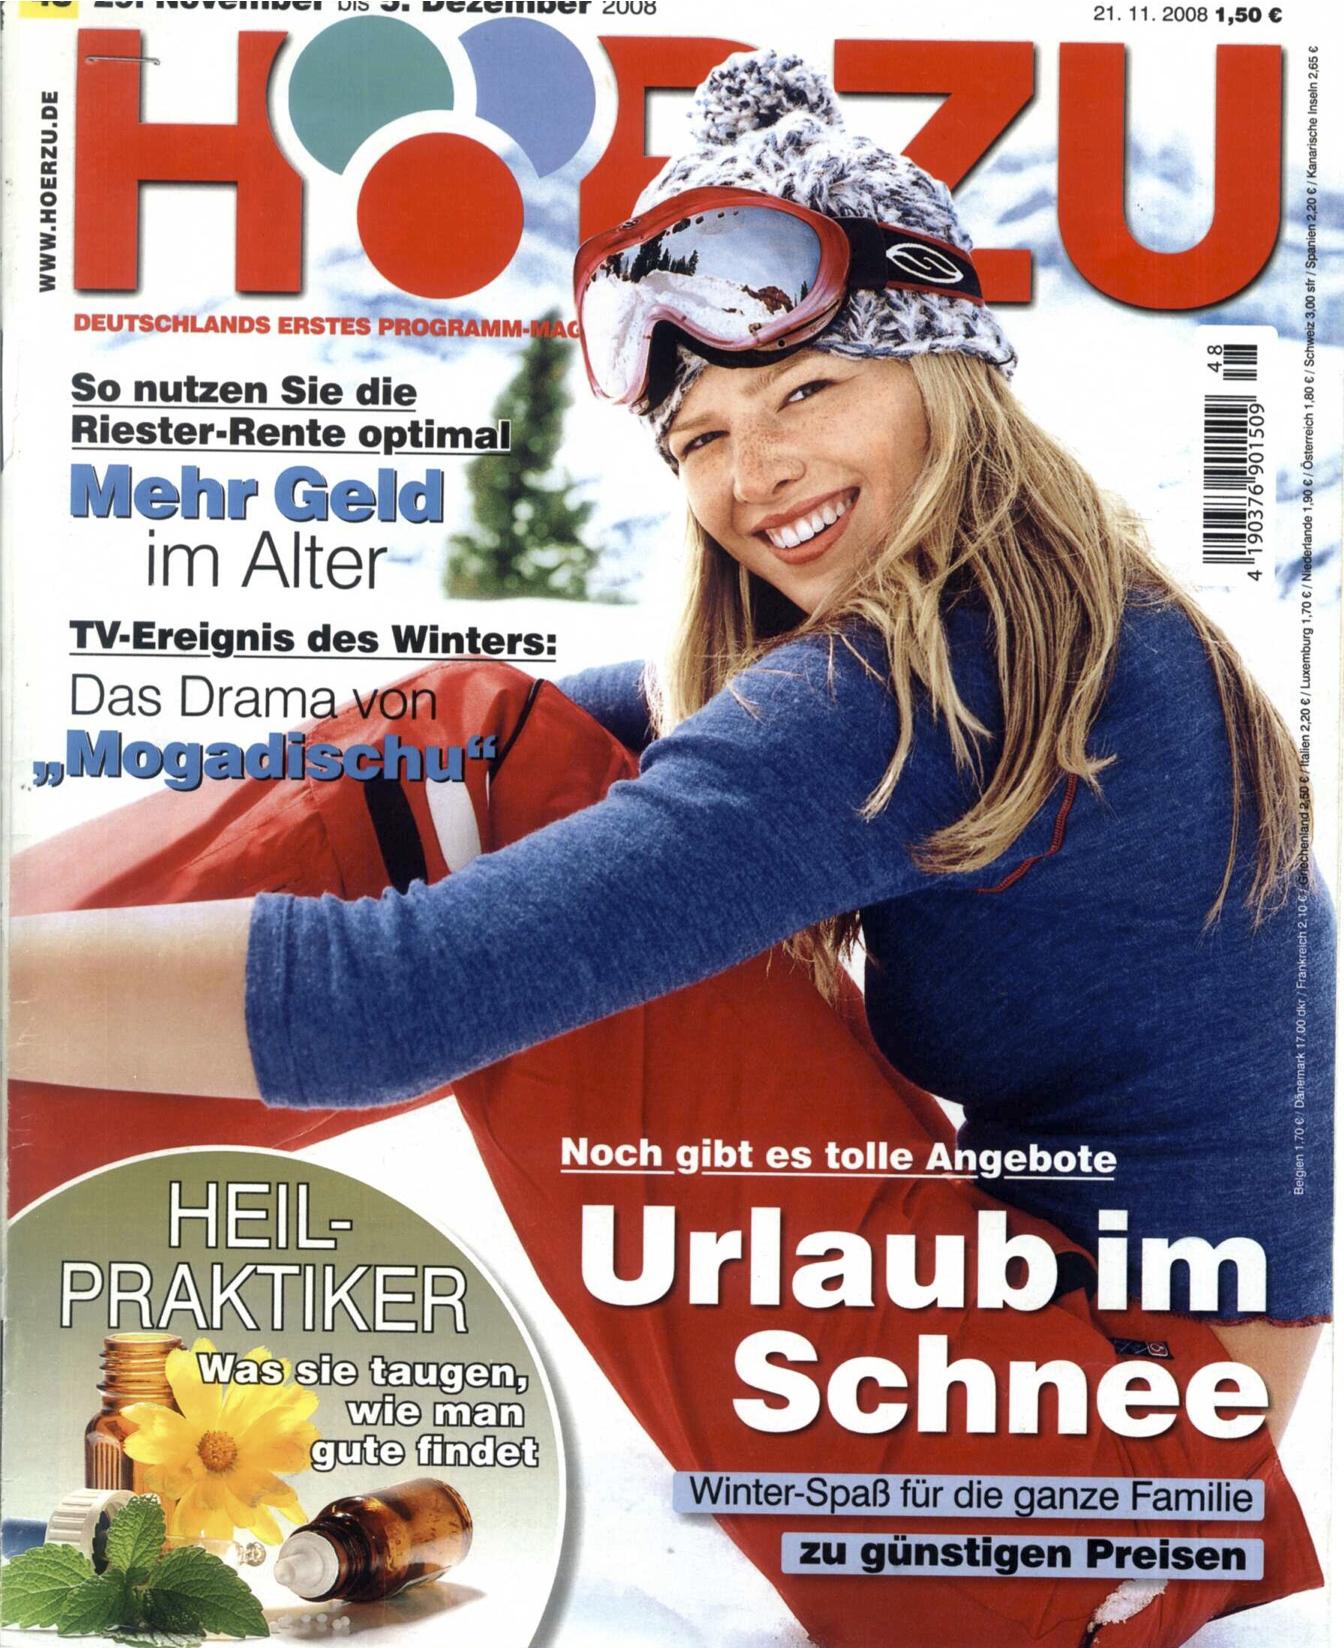 HZ_21.11.2008_Cover.jpg